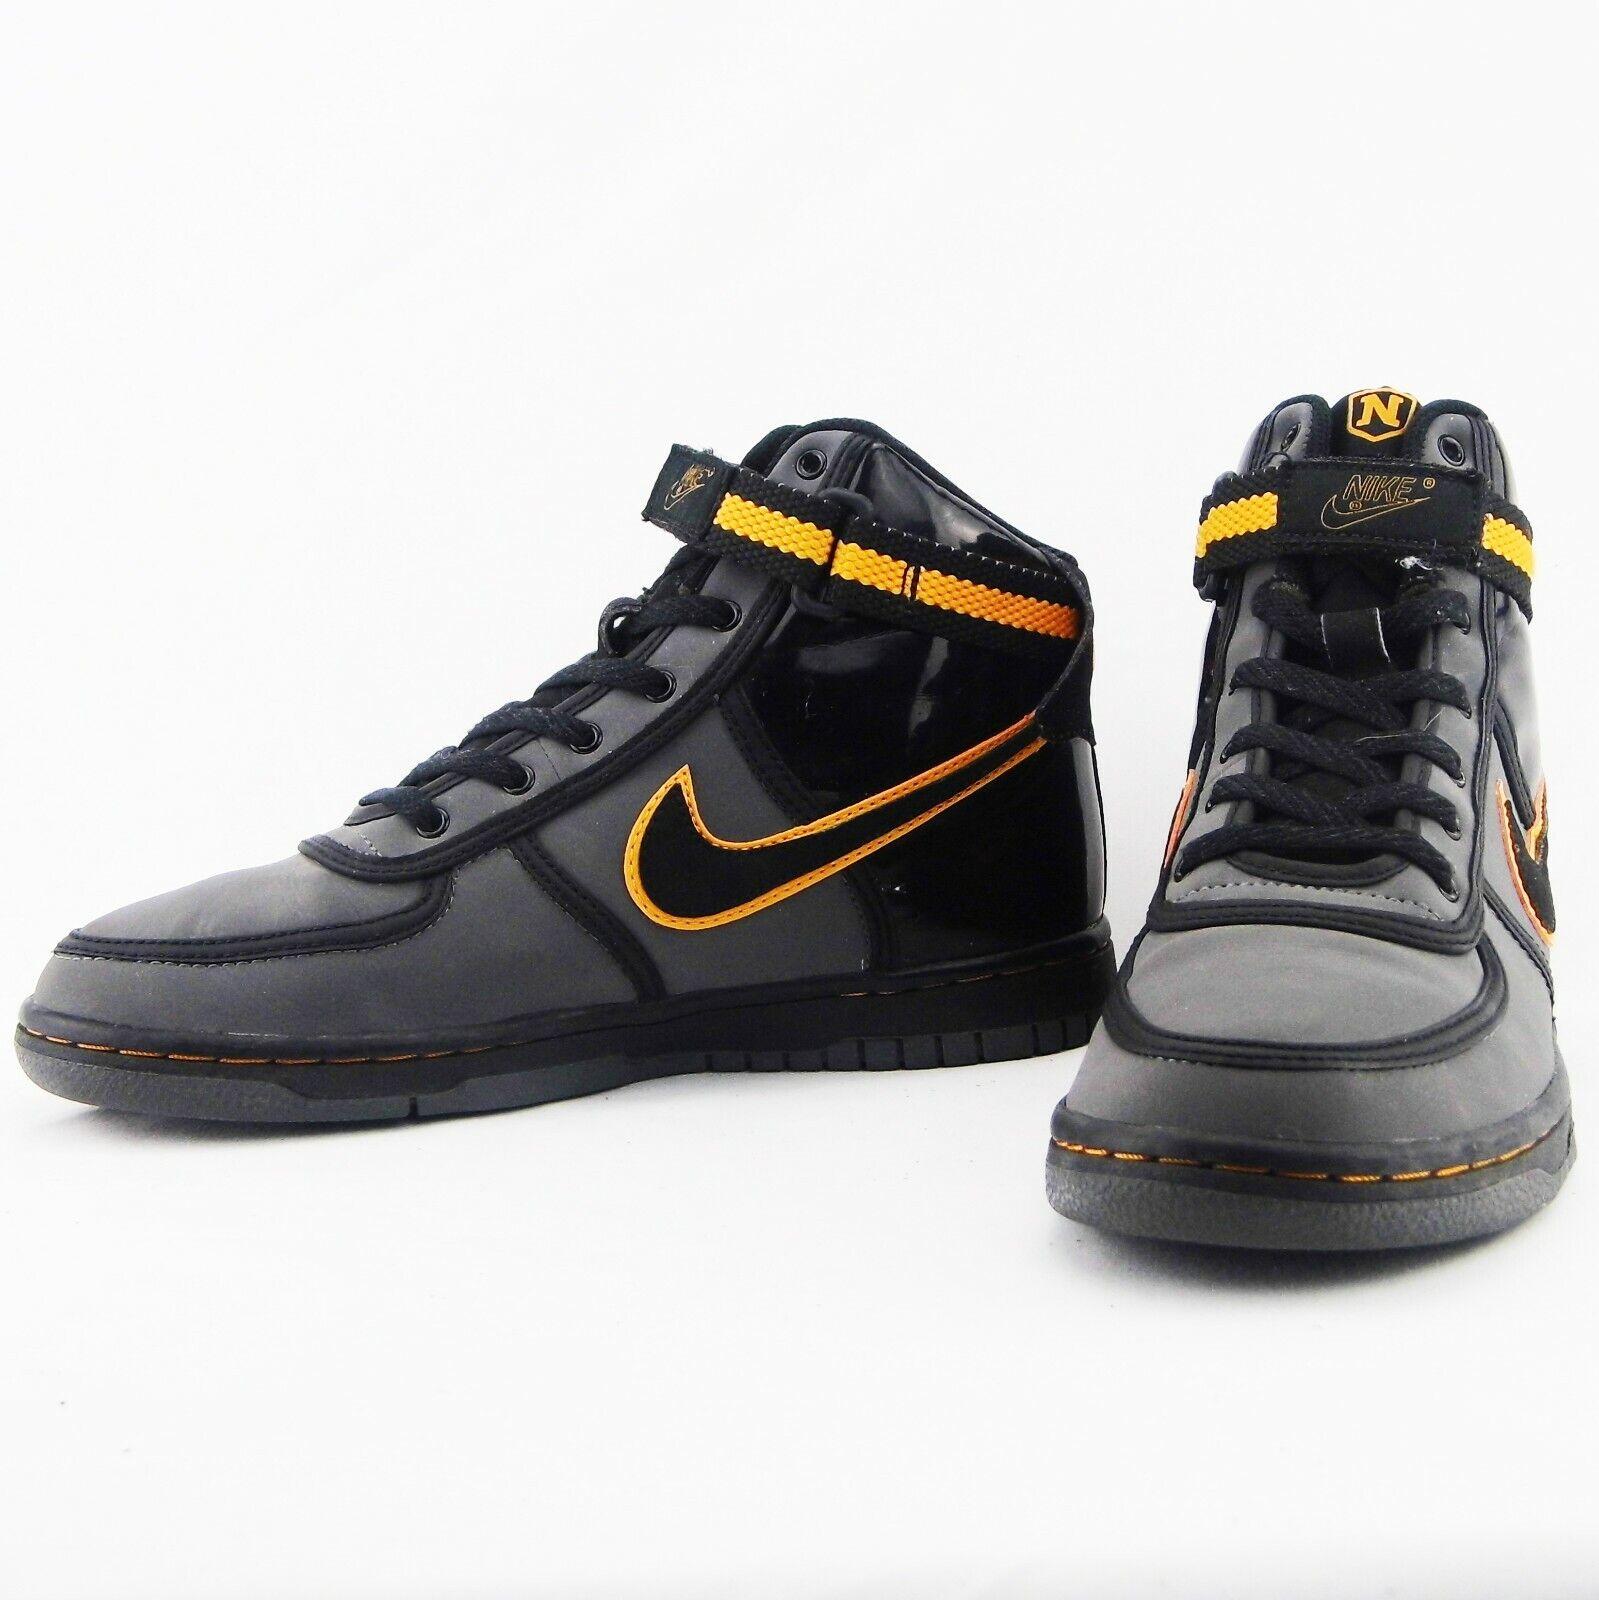 VINTAGE (2009) Nike Vandal High GS Batman Inspired Sneakers  314674-002 Sz 5.5Y